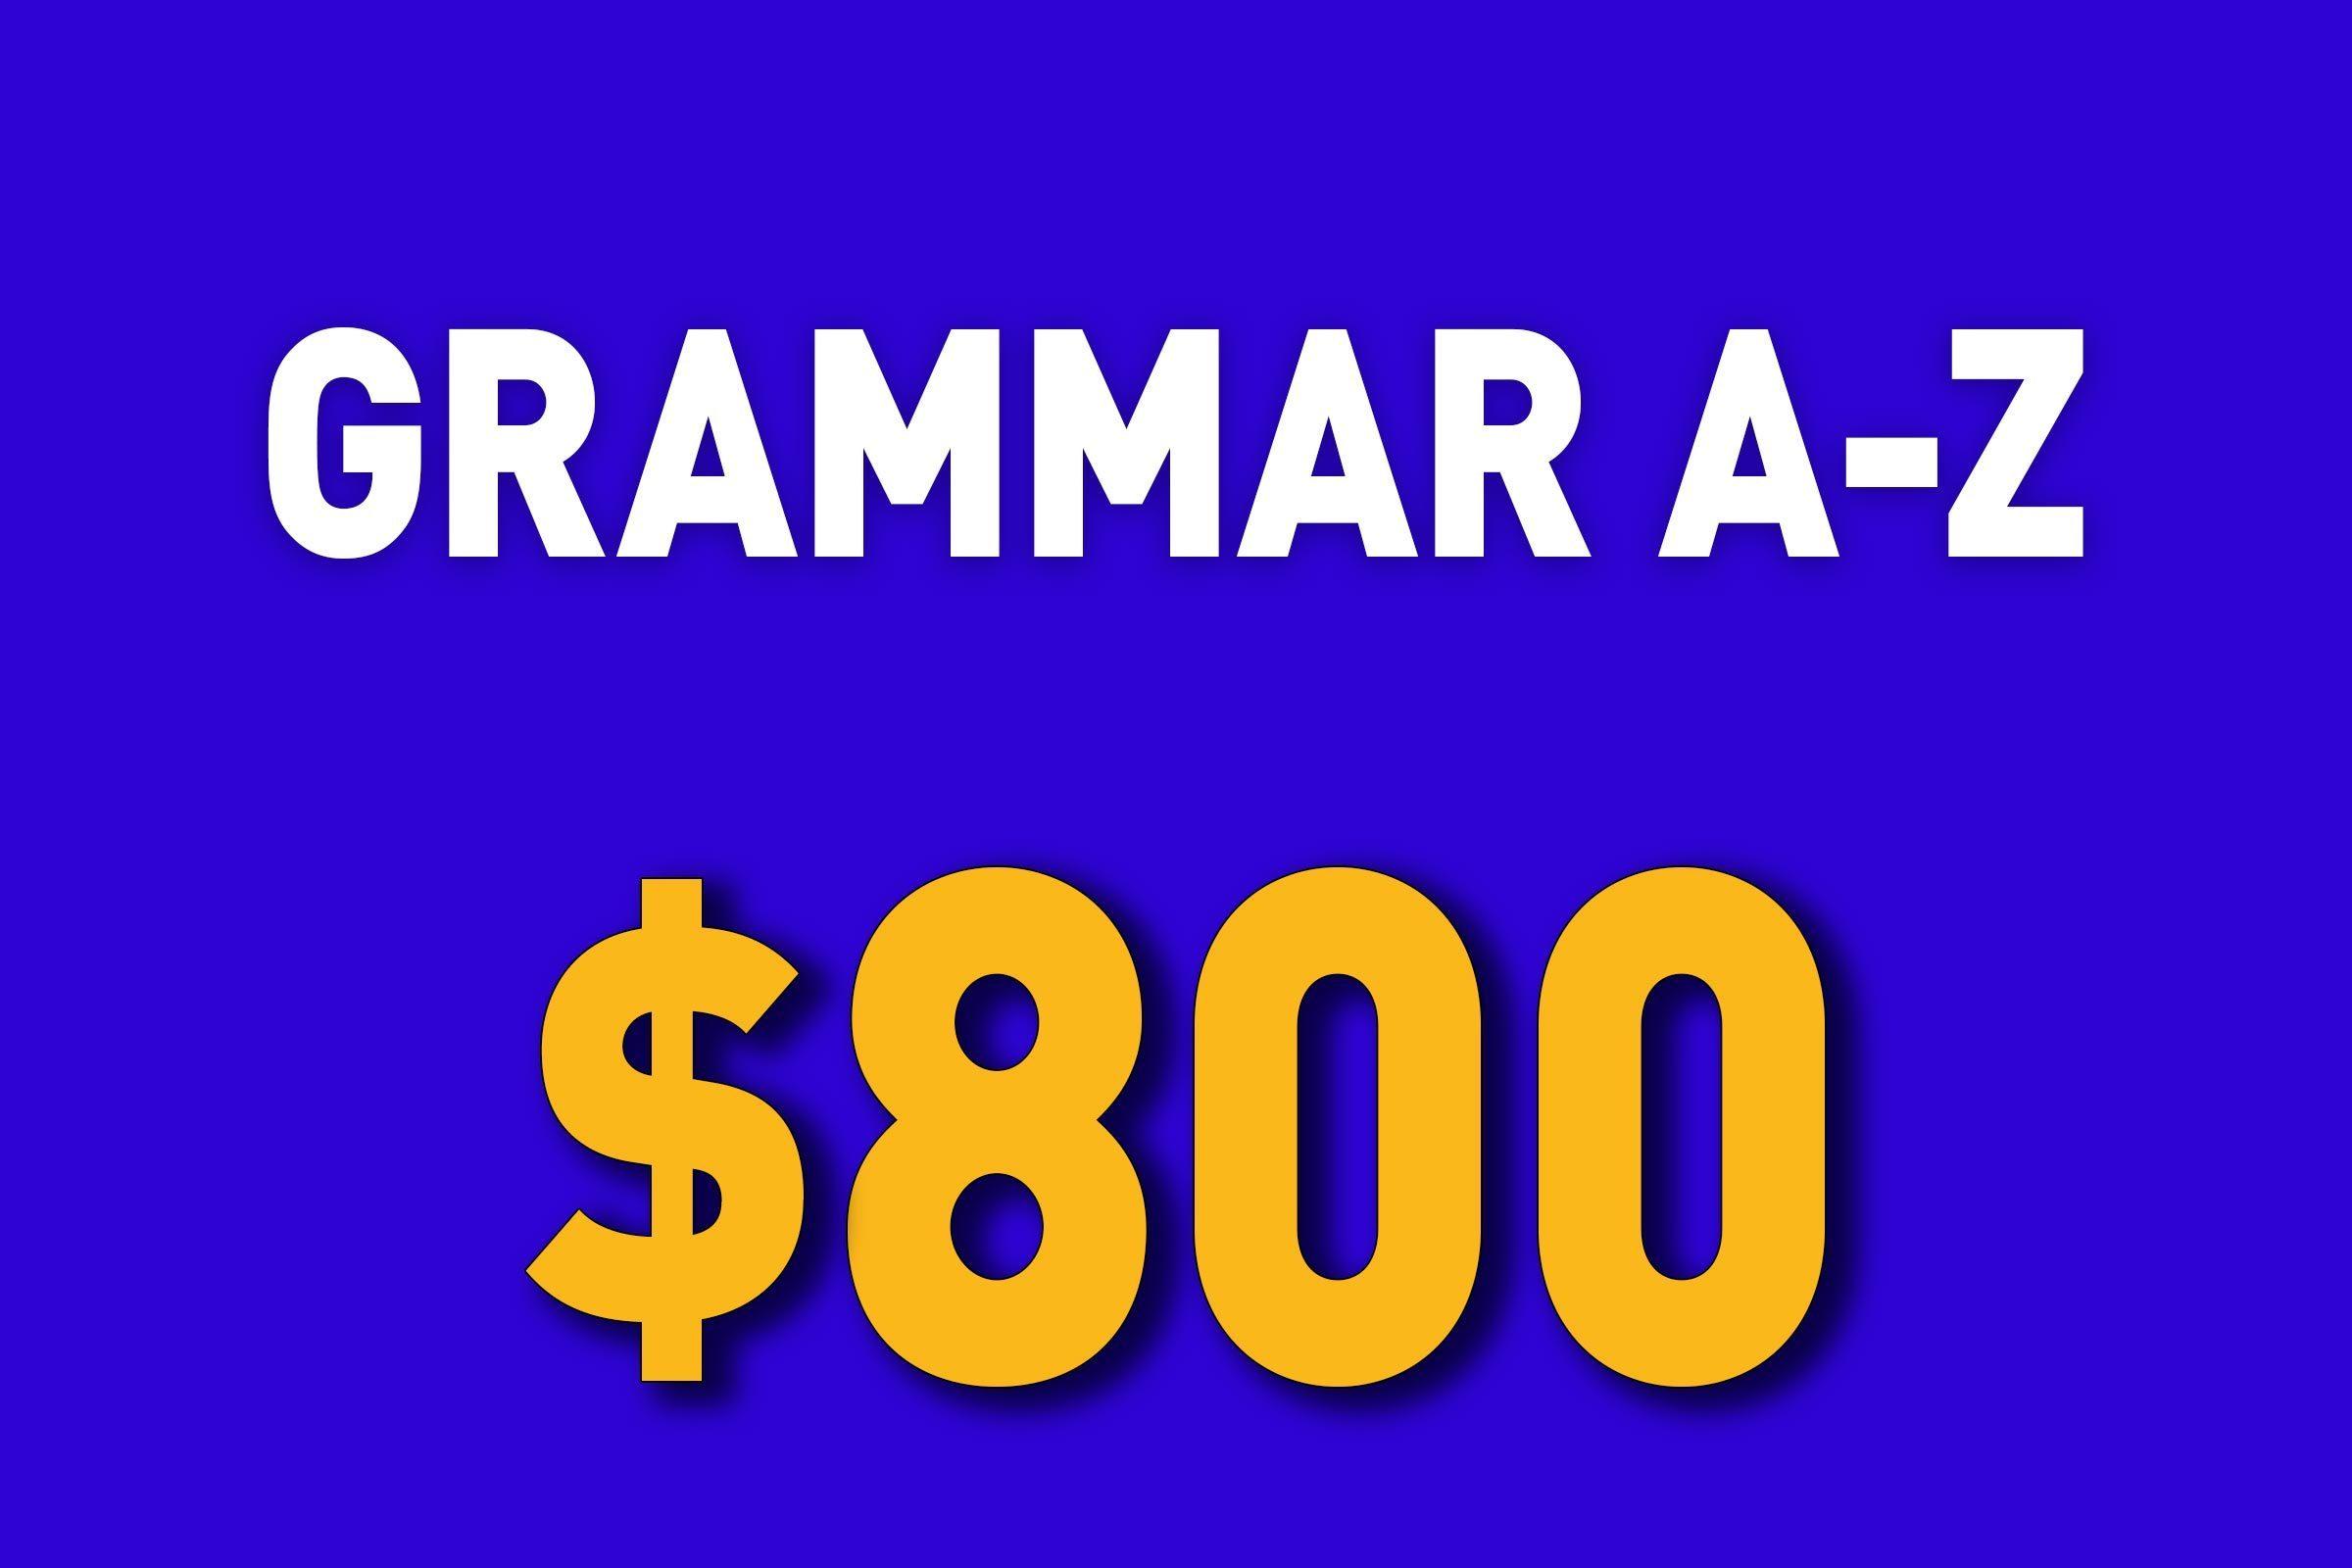 Grammar A-Z for $800